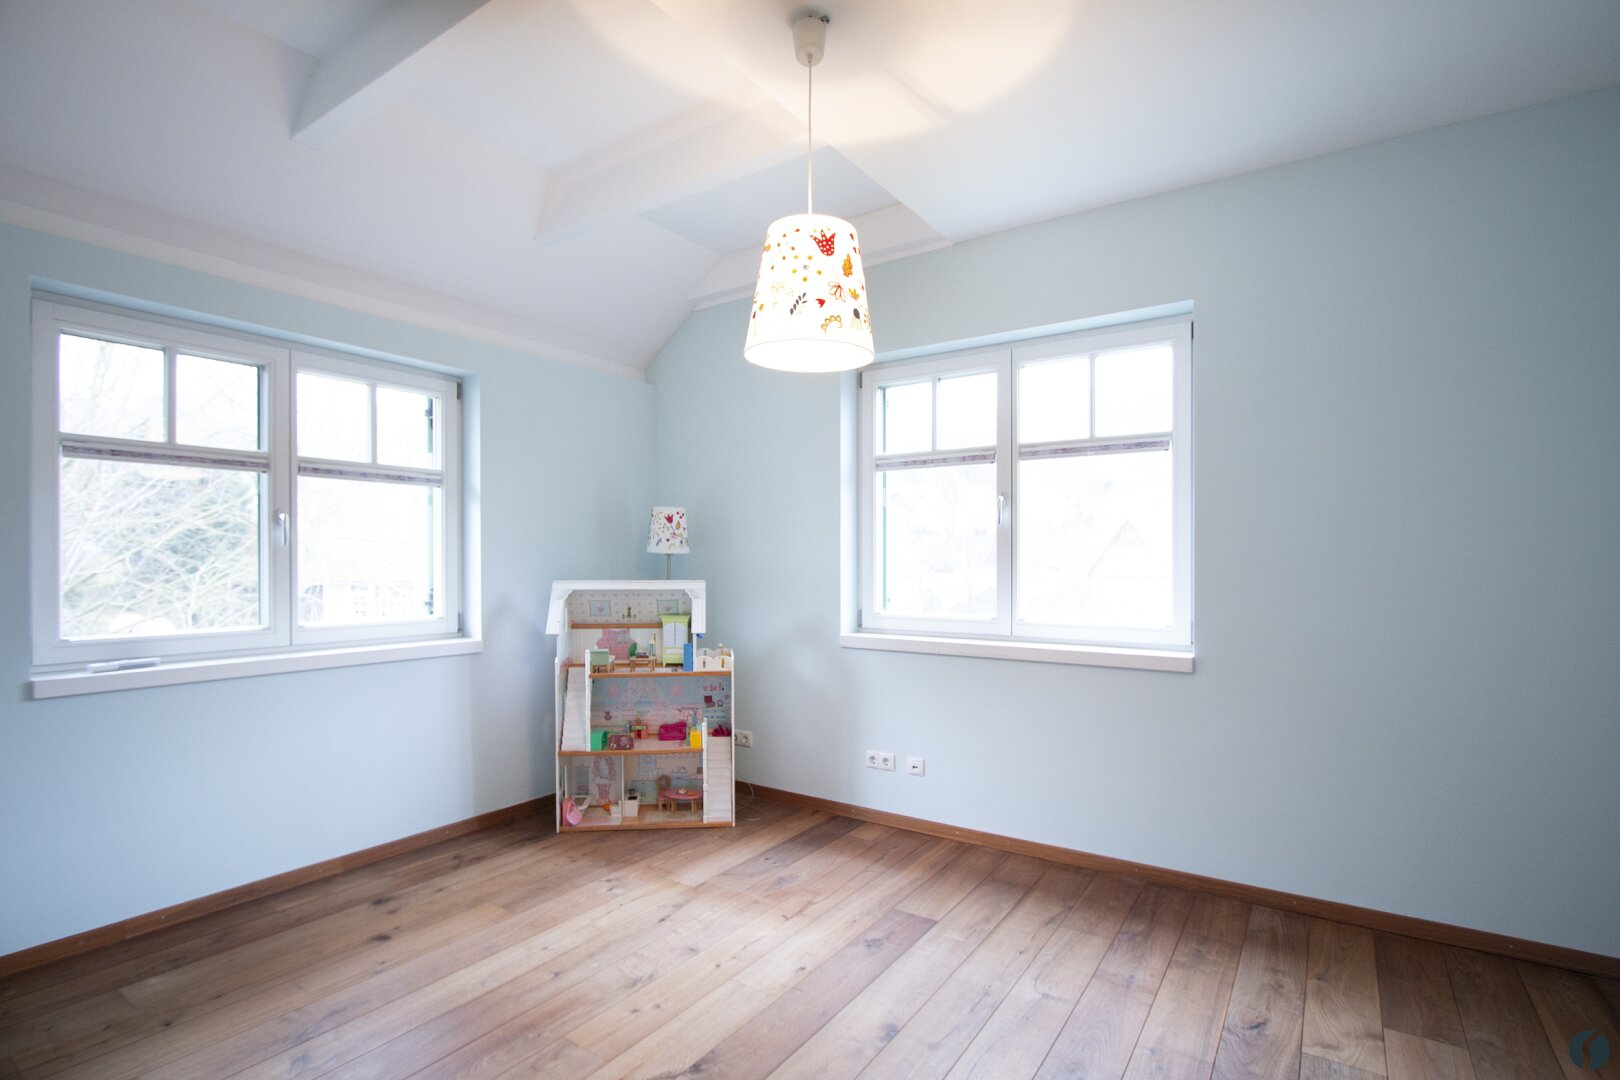 zweites Kinderzimmer im Obergeschoss